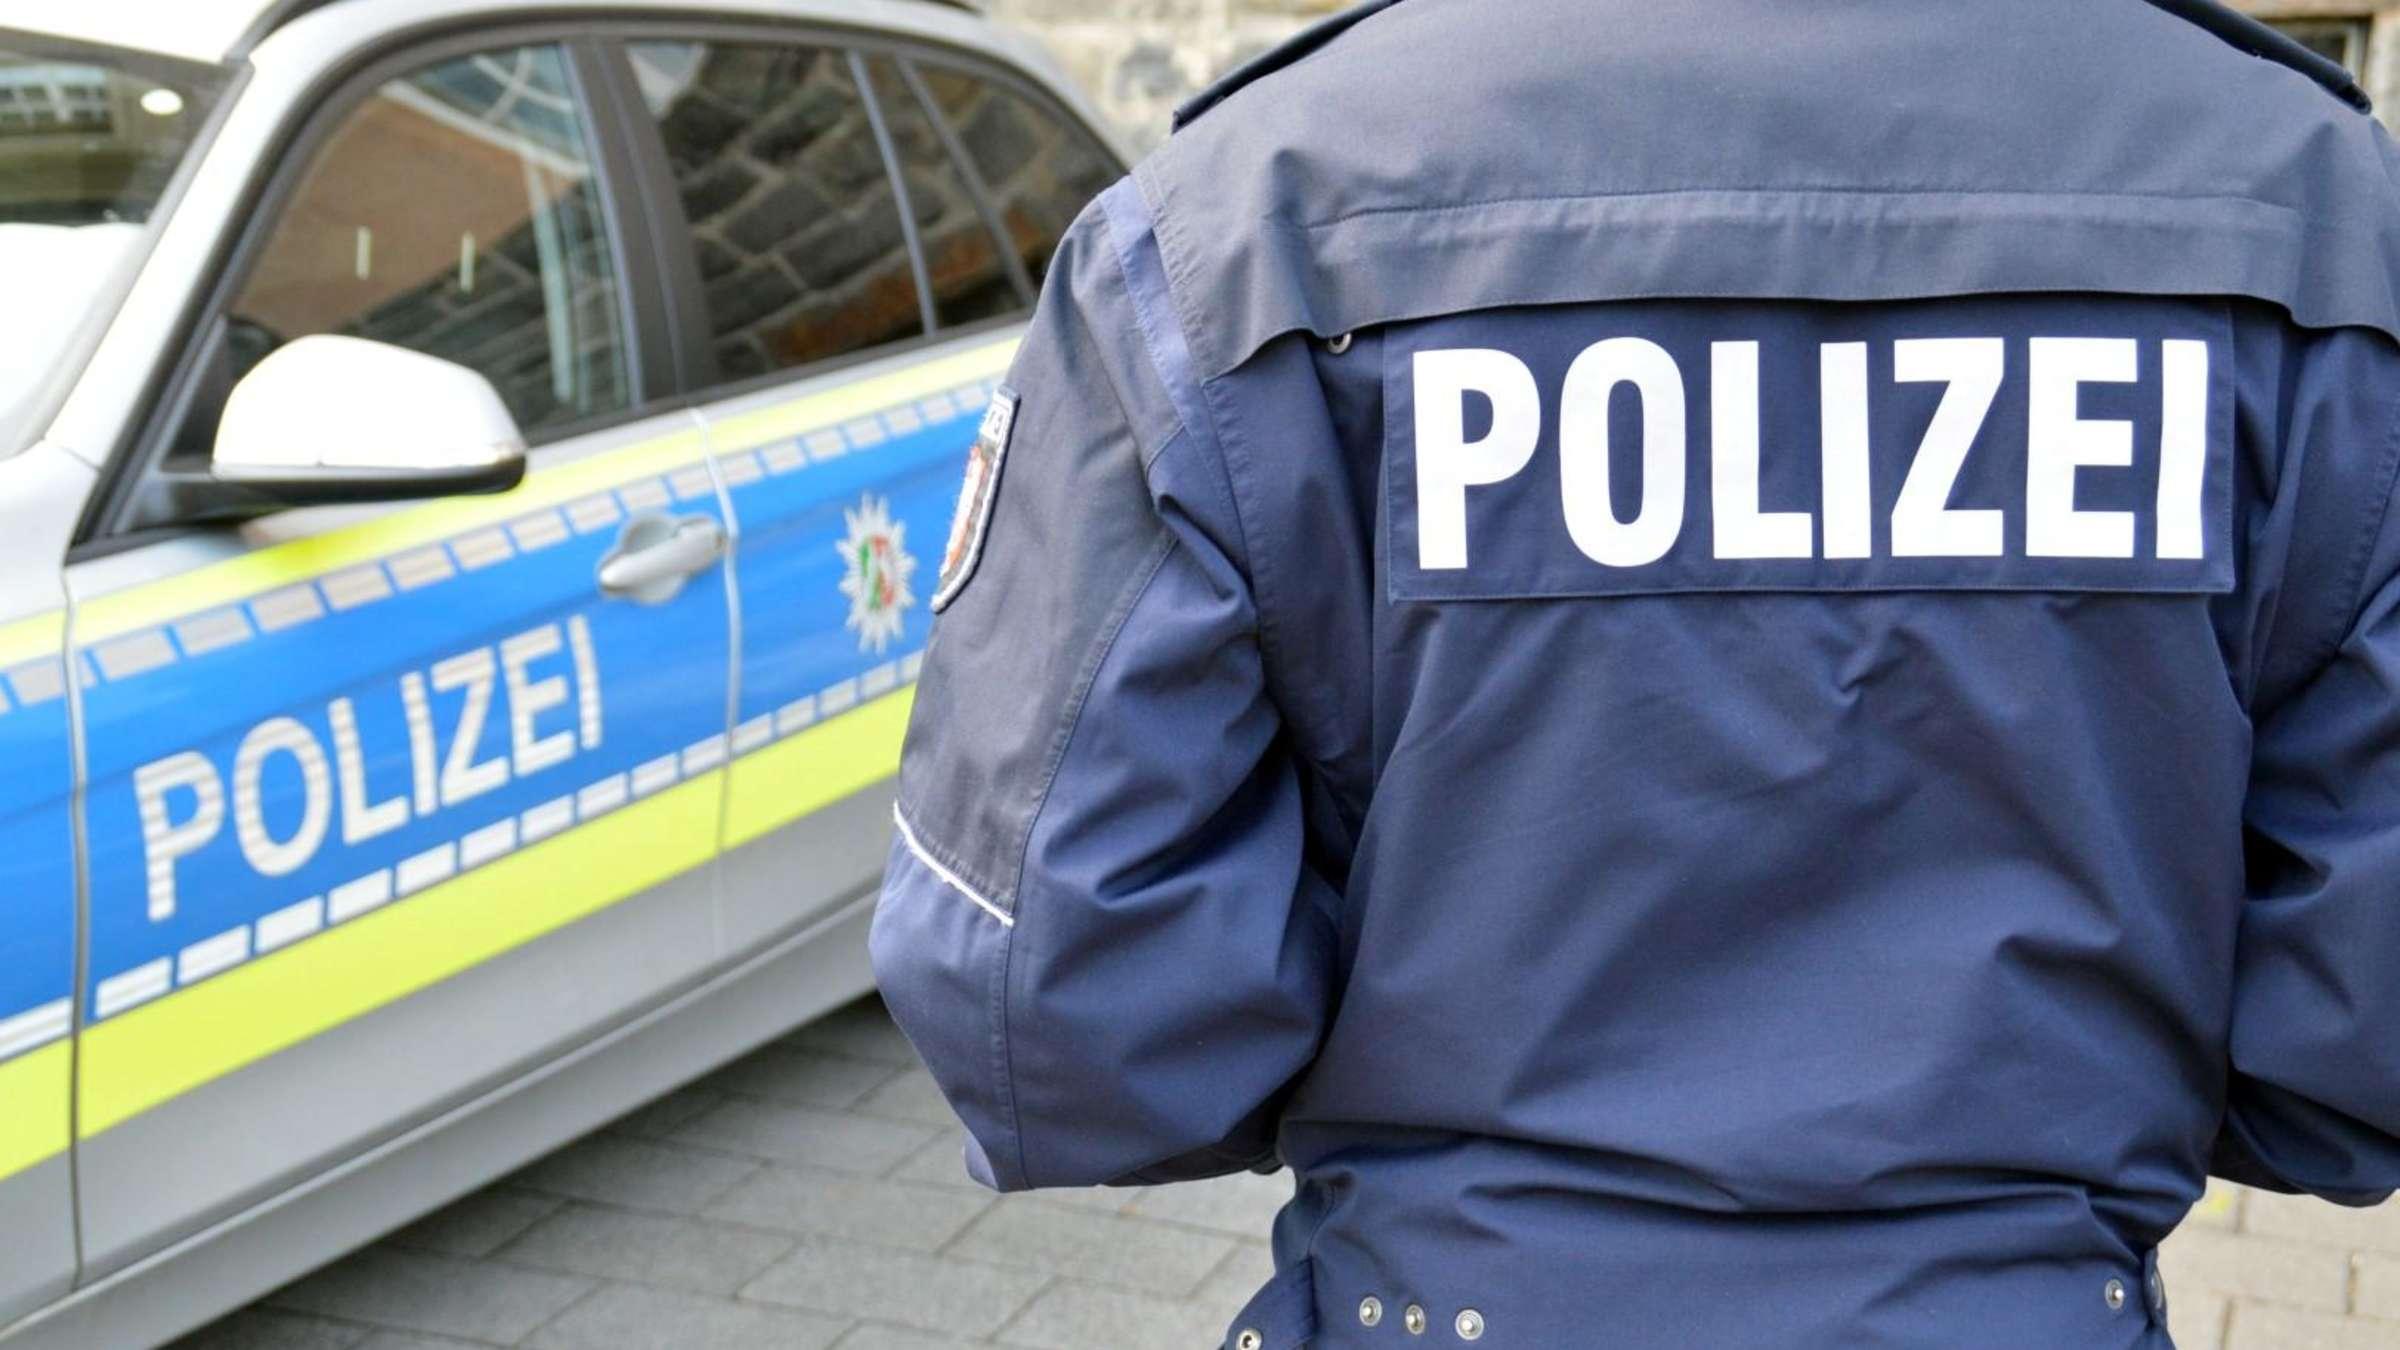 Єврокомісія вимагає від низкикраїн ЄС припинити карантинні обмеження для вантажівок